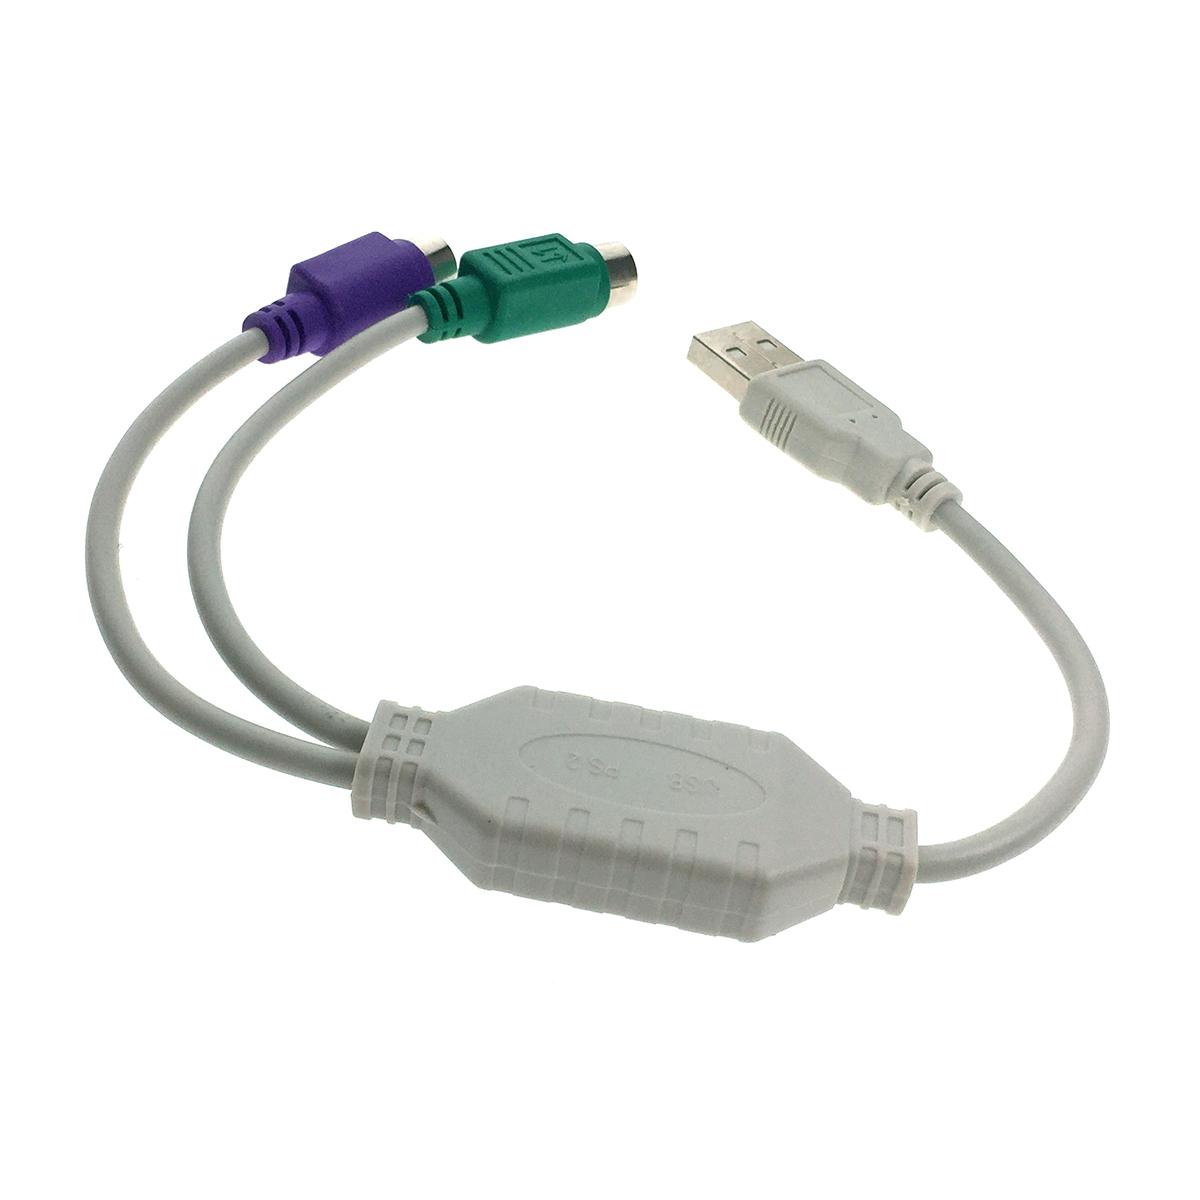 Кабель USB to 2xPS/2 /keyboard + mouse/ 20cм Espada, EUSBM/2xPS/220